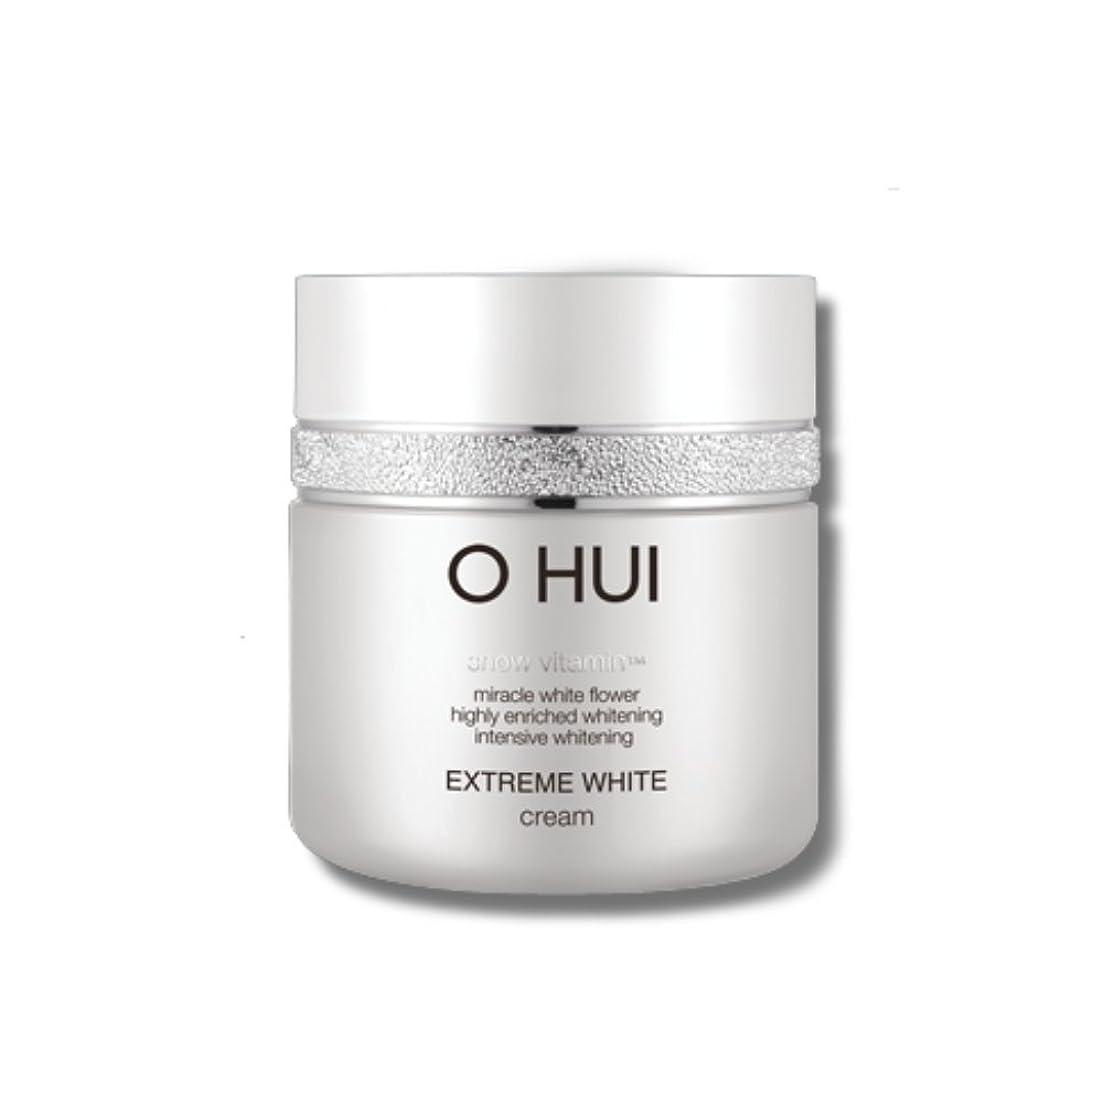 メトリック役職呼ぶOHUI Extreme White Cream 50ml/オフィ エクストリーム ホワイト クリーム 50ml [並行輸入品]